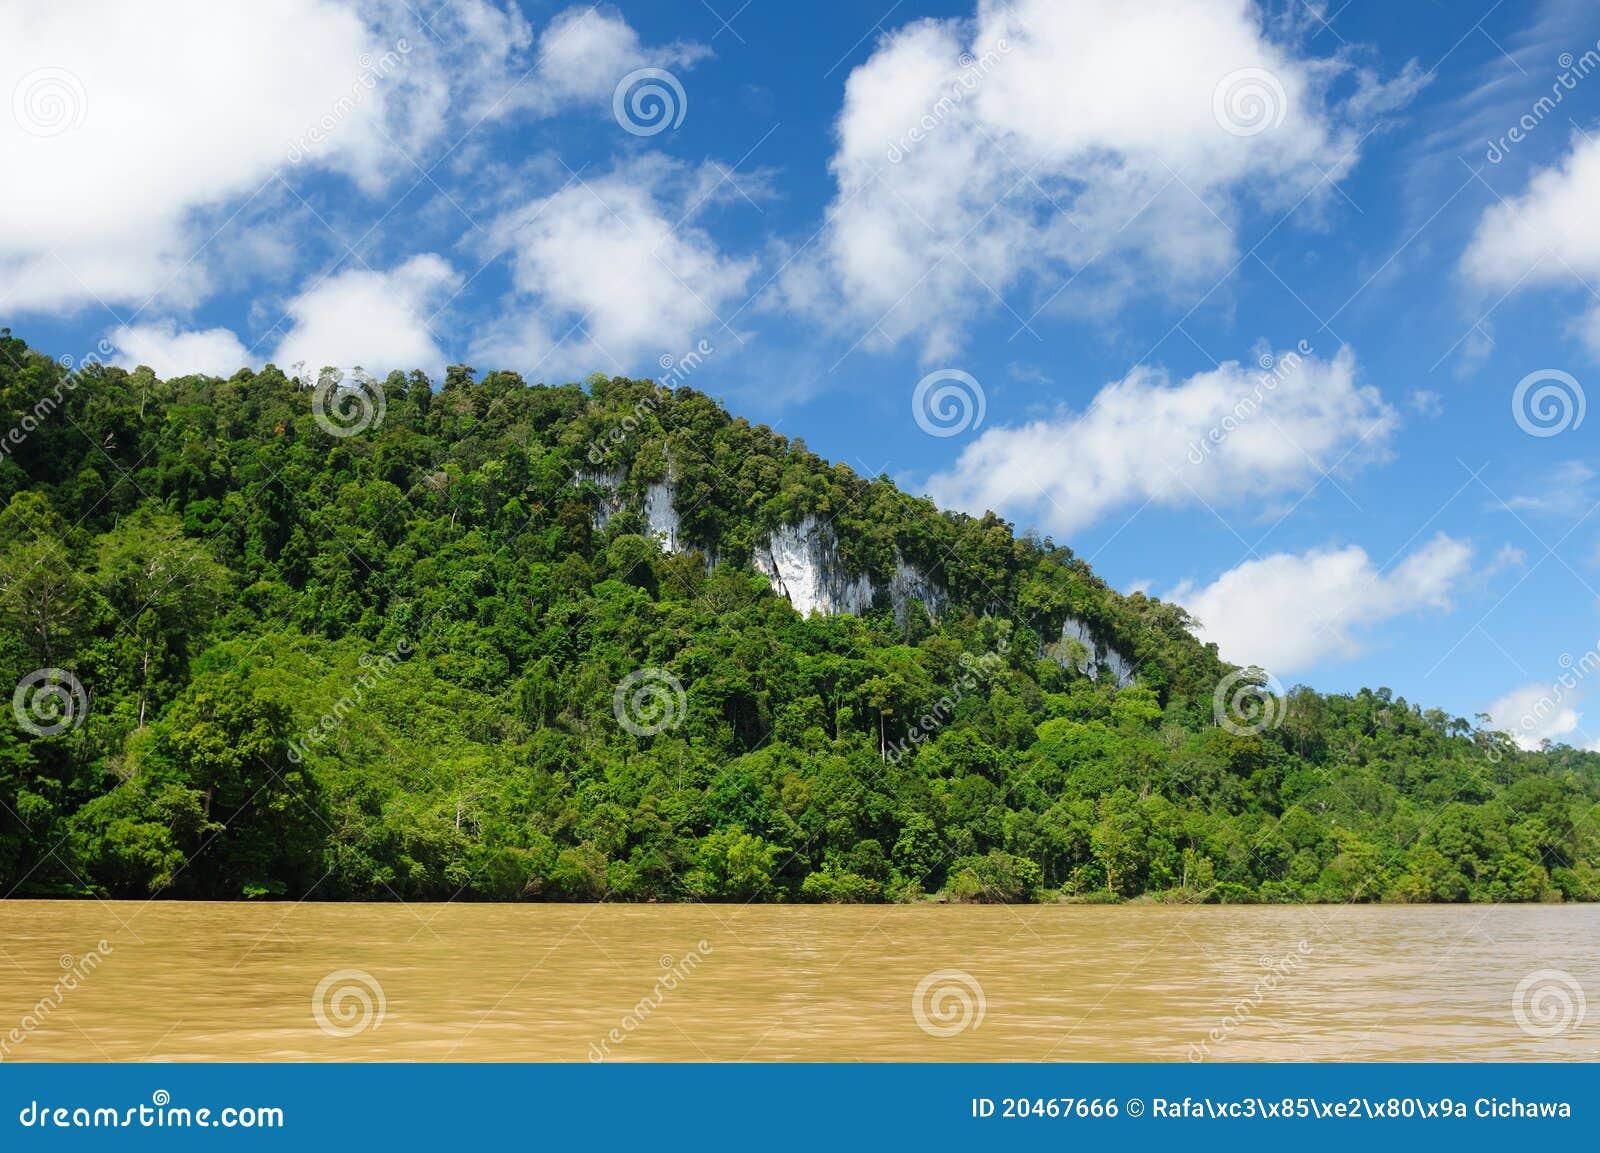 Indonésia - selva tropical no rio, Bornéu